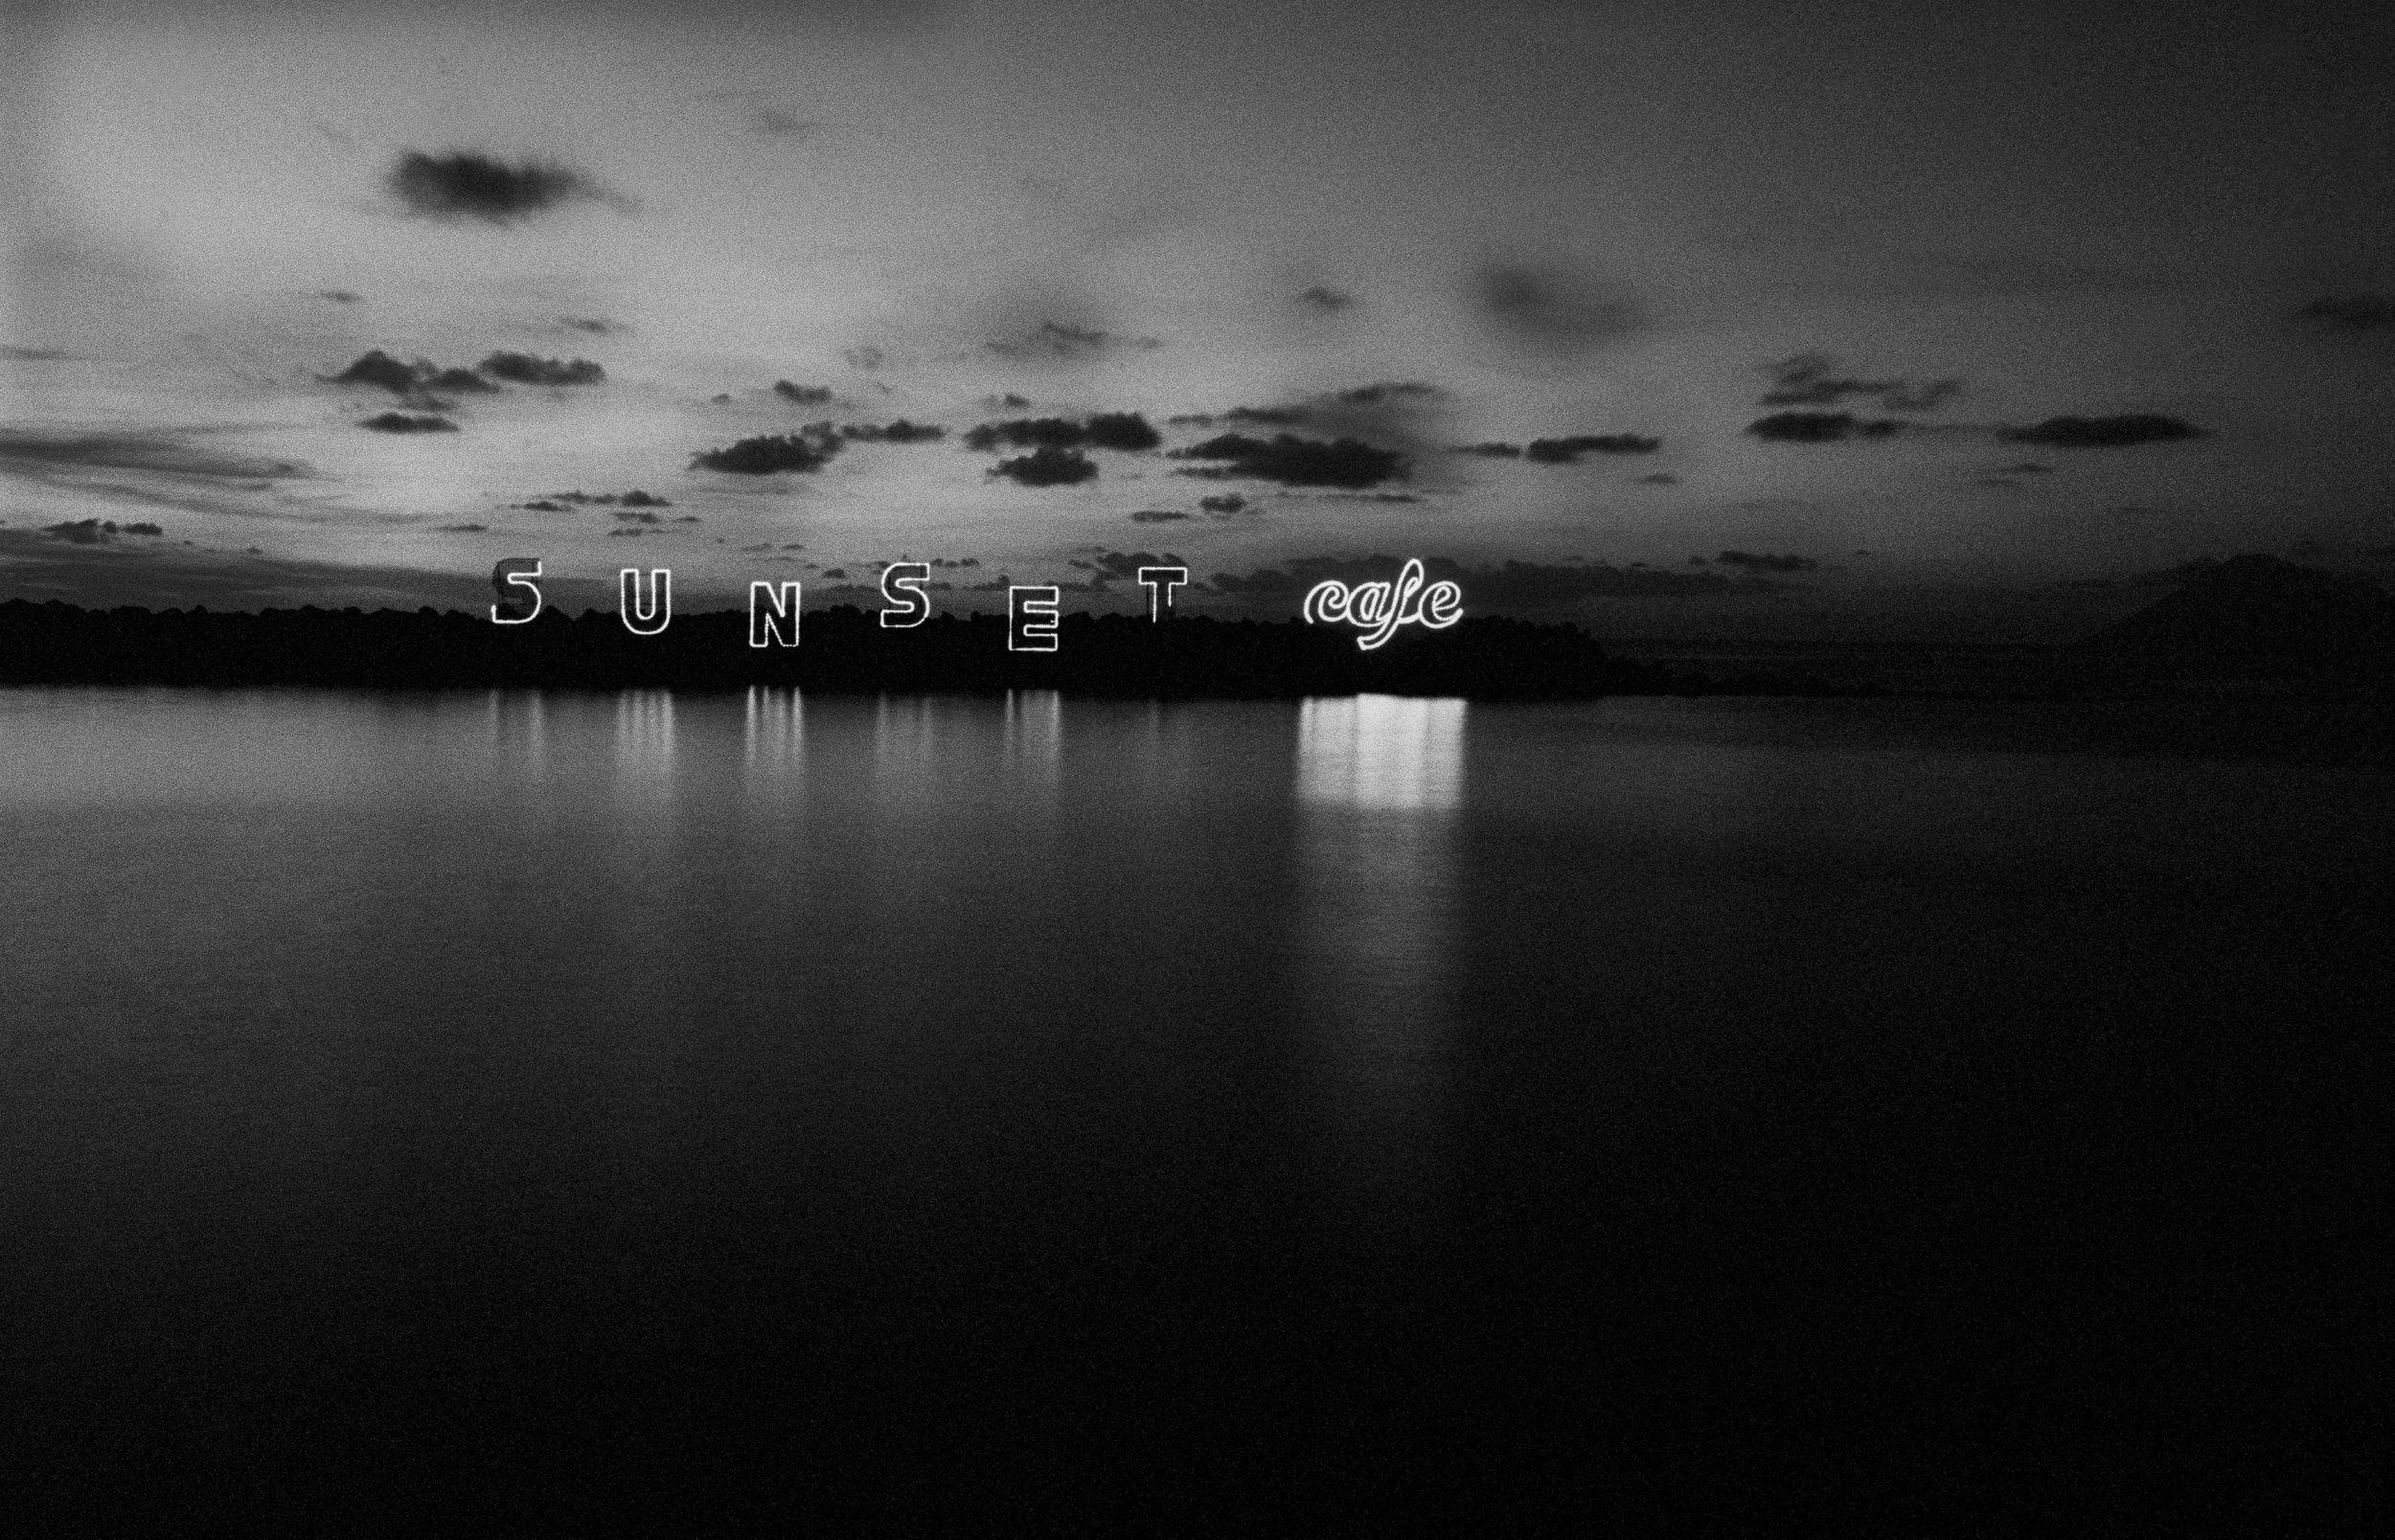 'Sunset.' Manado. Sulawesi, Indonesia. 2002